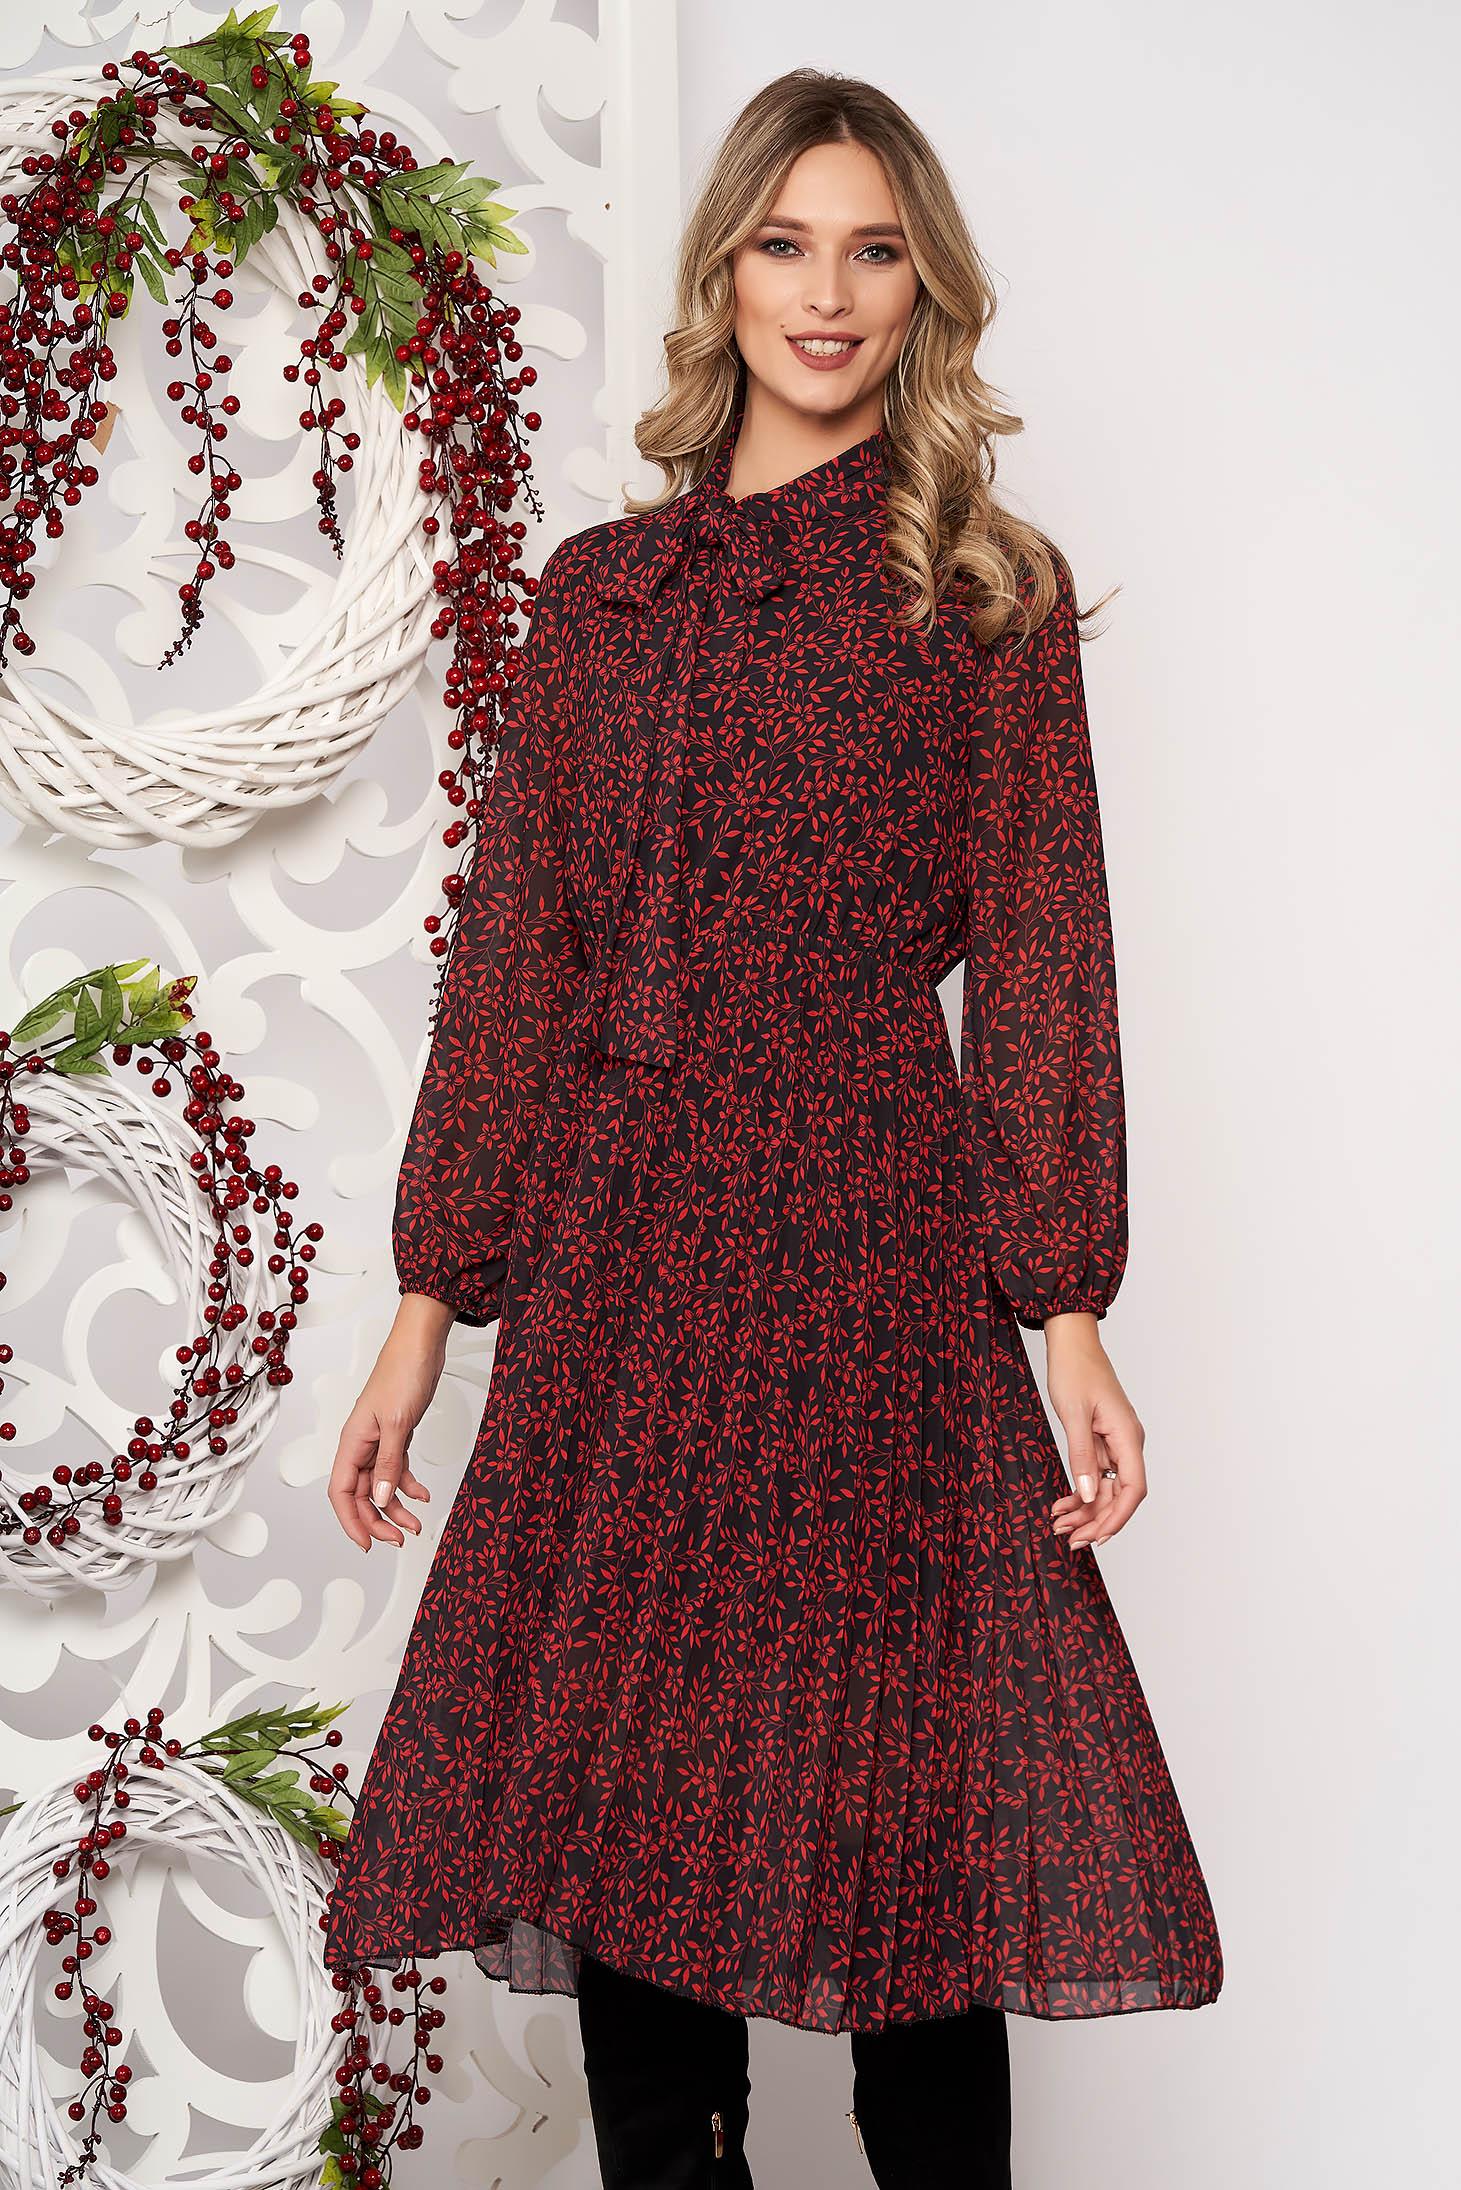 Rochie SunShine rosie croi in clos midi din voal cu pliuri de material cu elastic in talie cu maneci lungi cu guler tip esarfa